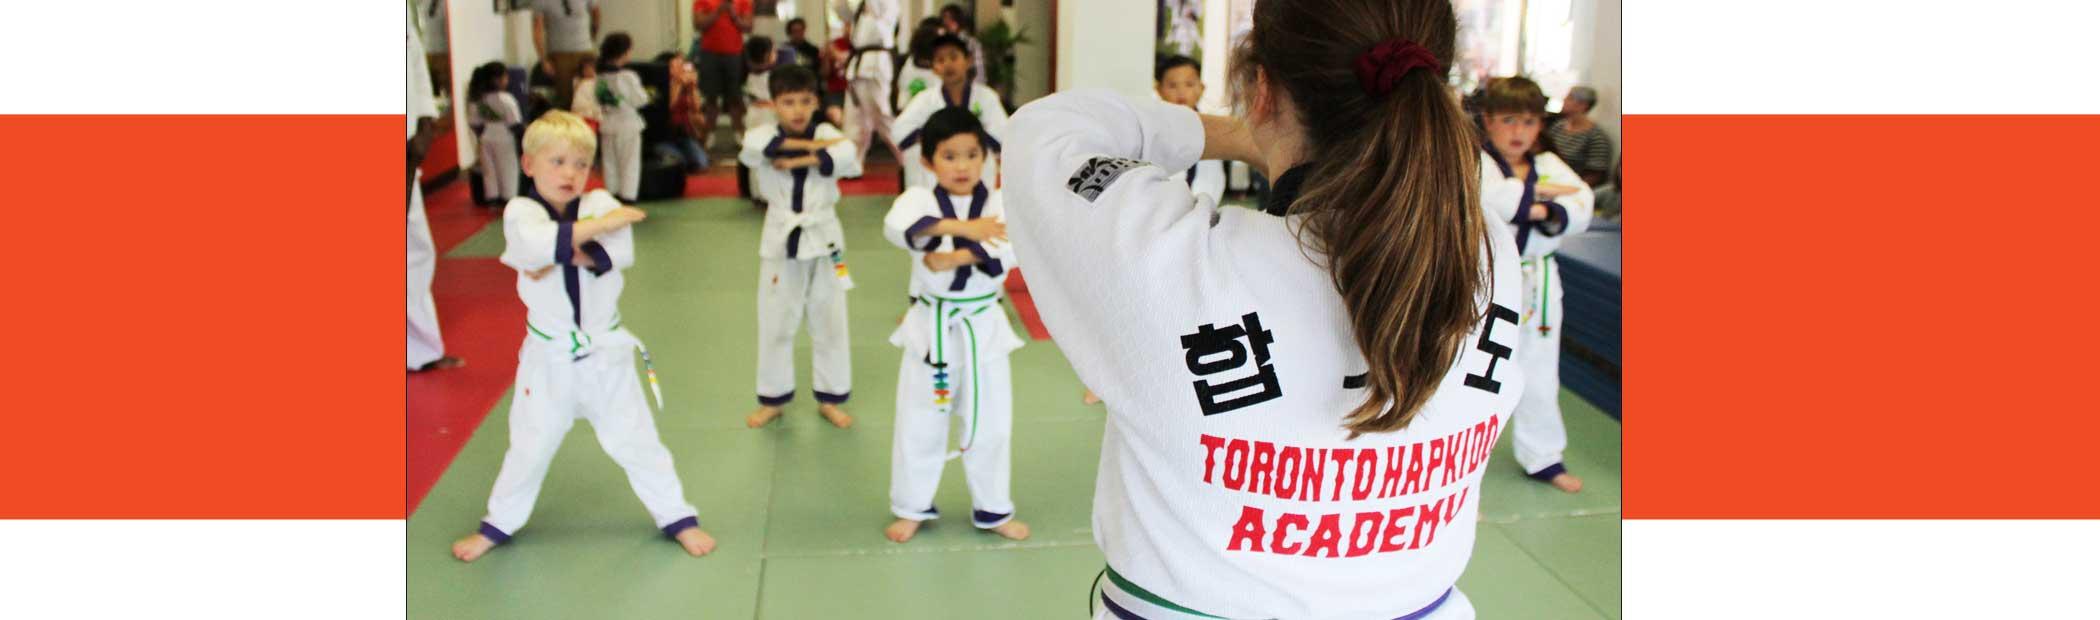 kids taekwondo north york